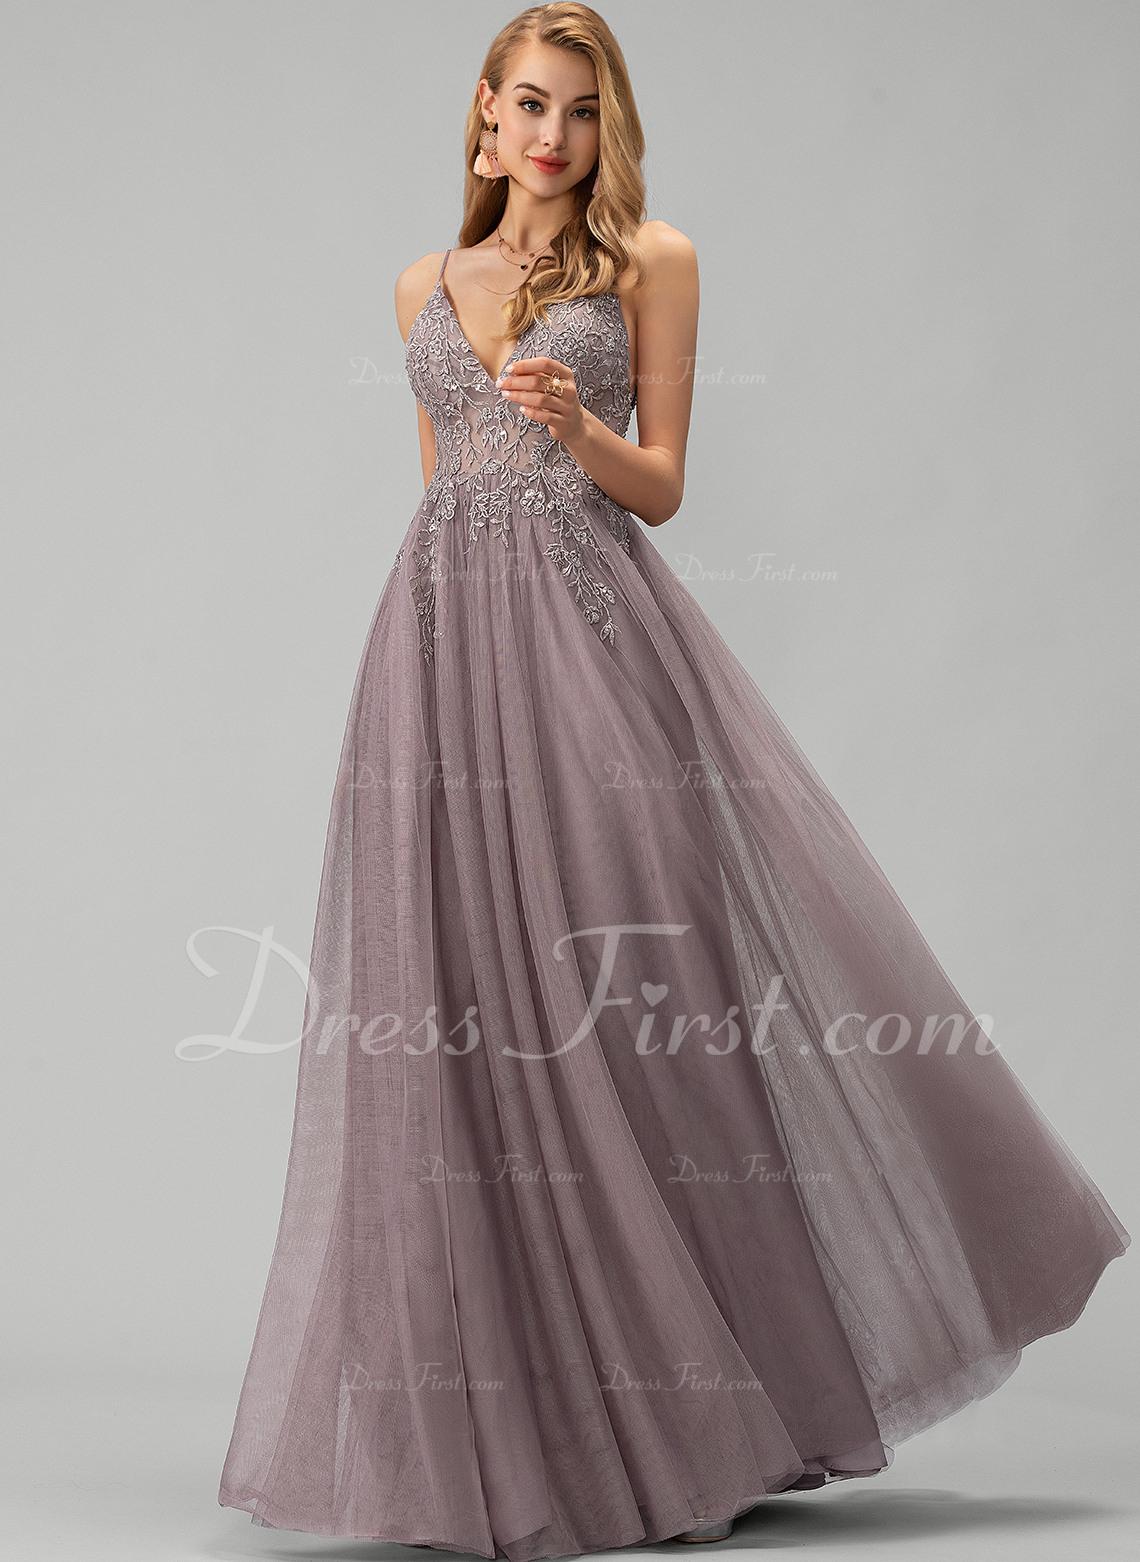 Formal Perfekt Tüll Abendkleid für 2019 Ausgezeichnet Tüll Abendkleid Spezialgebiet